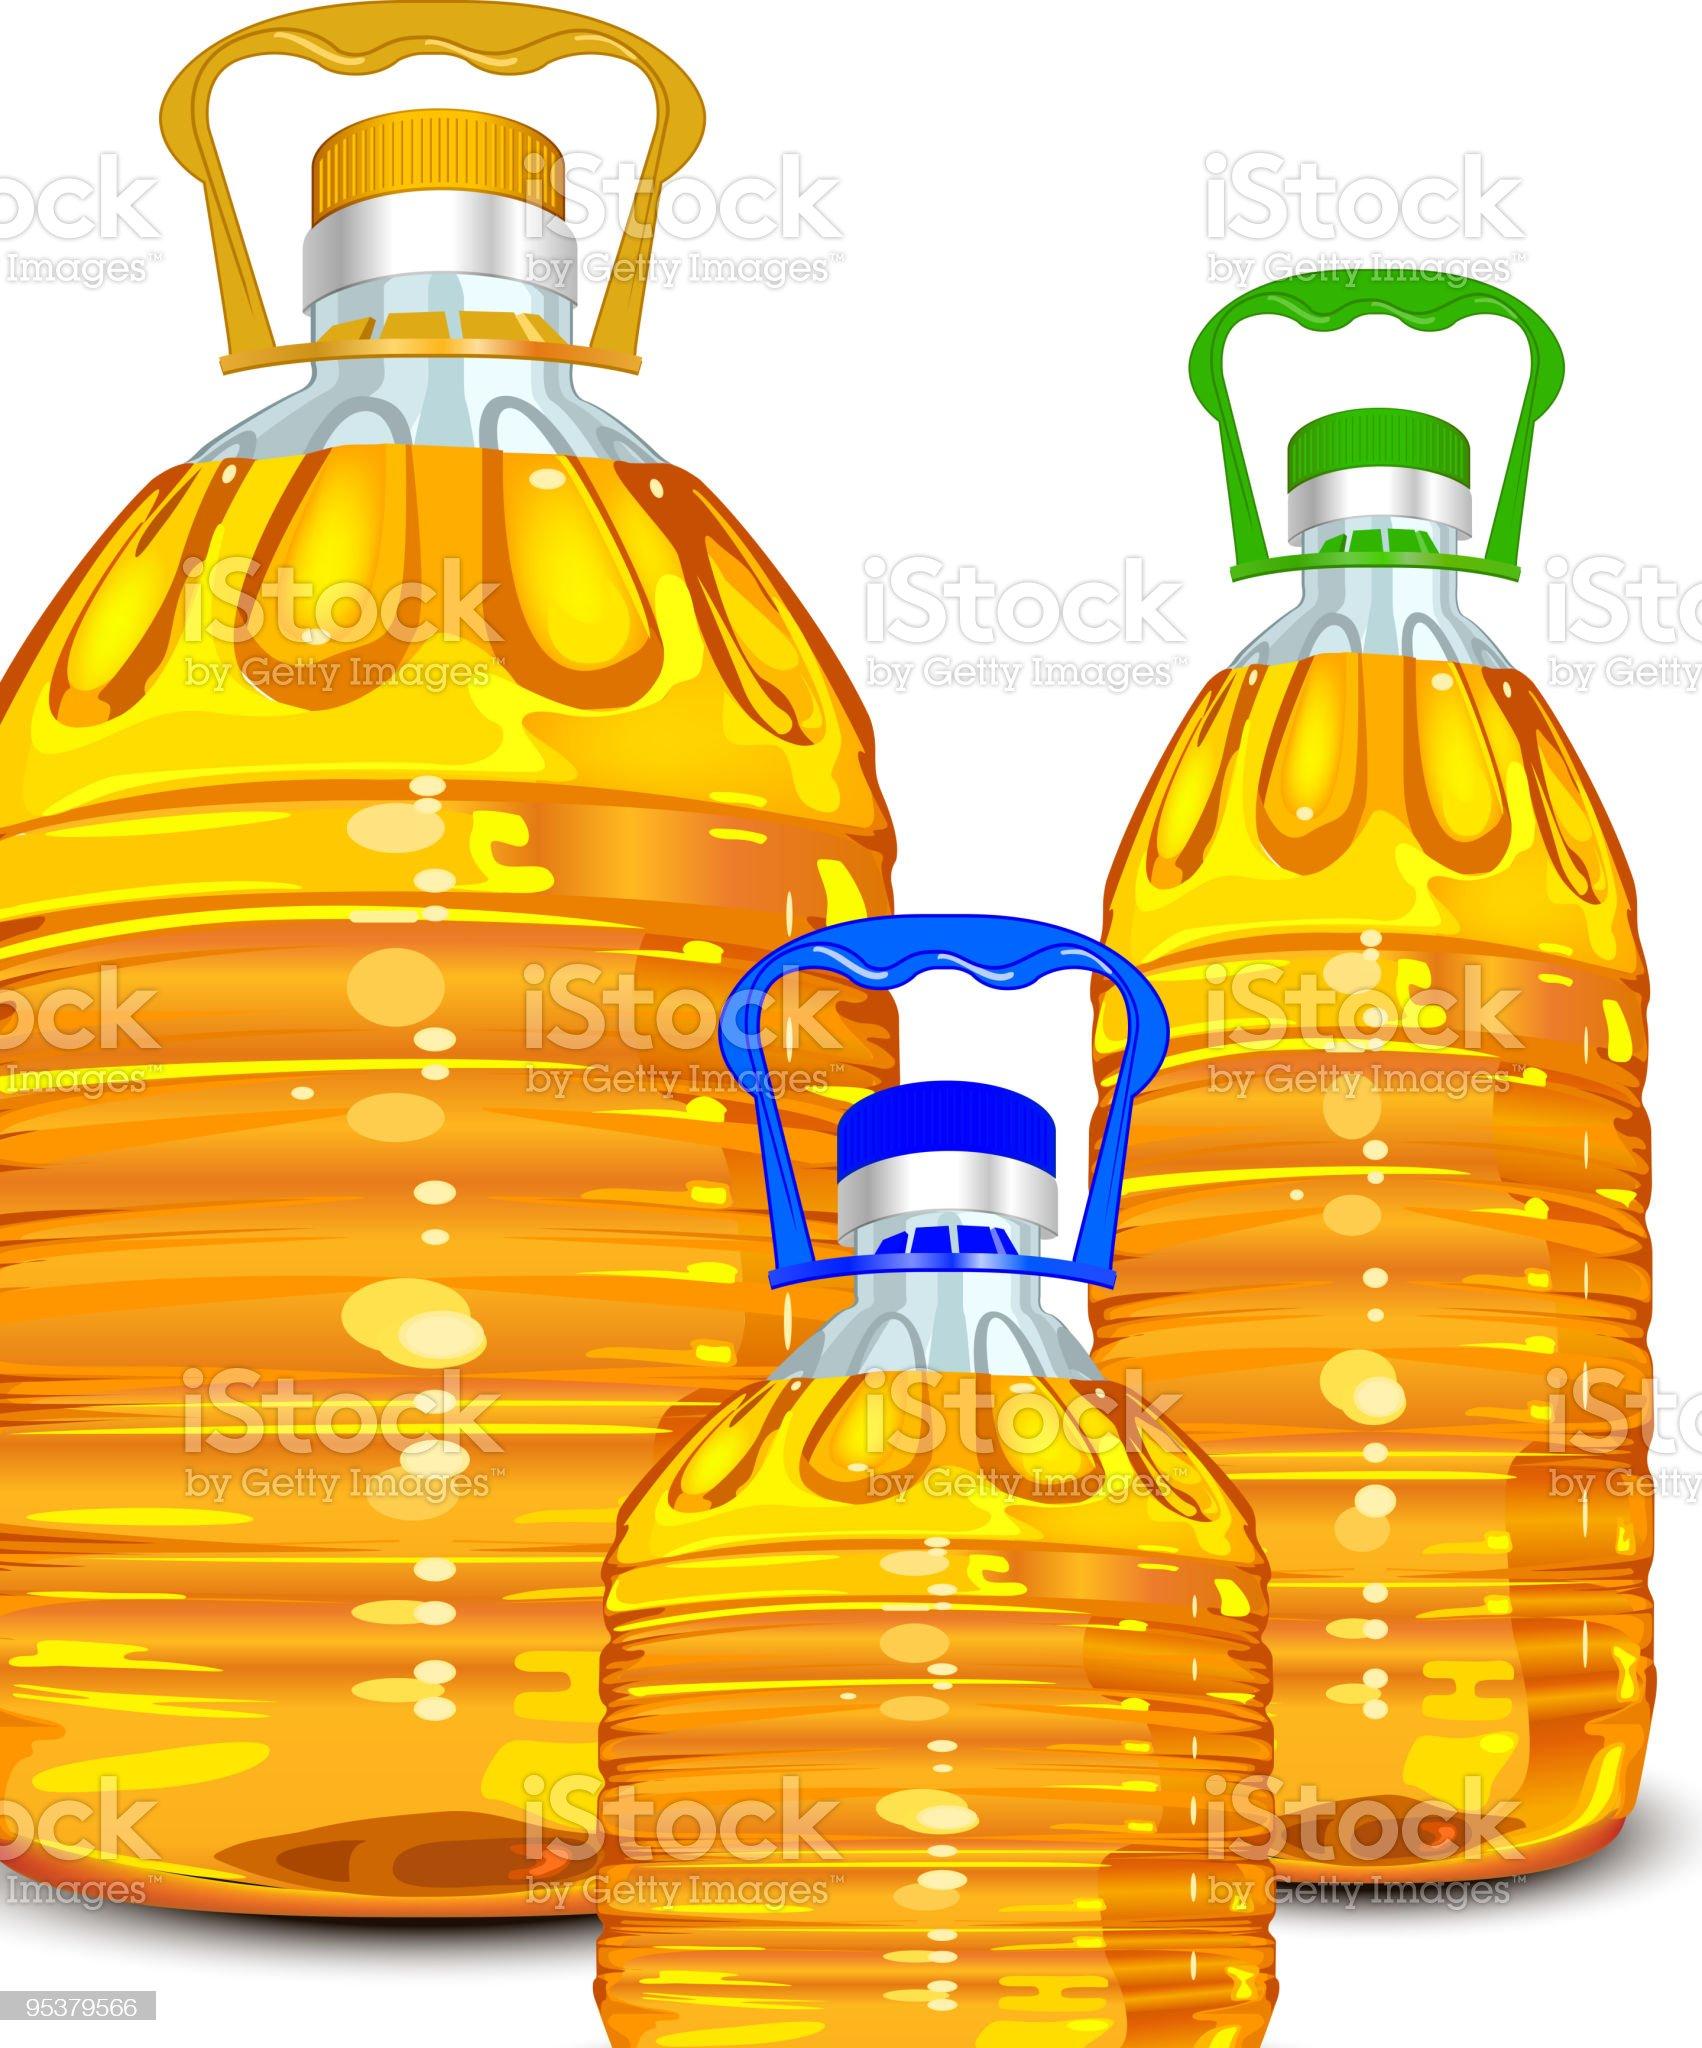 Oil bottles royalty-free stock vector art